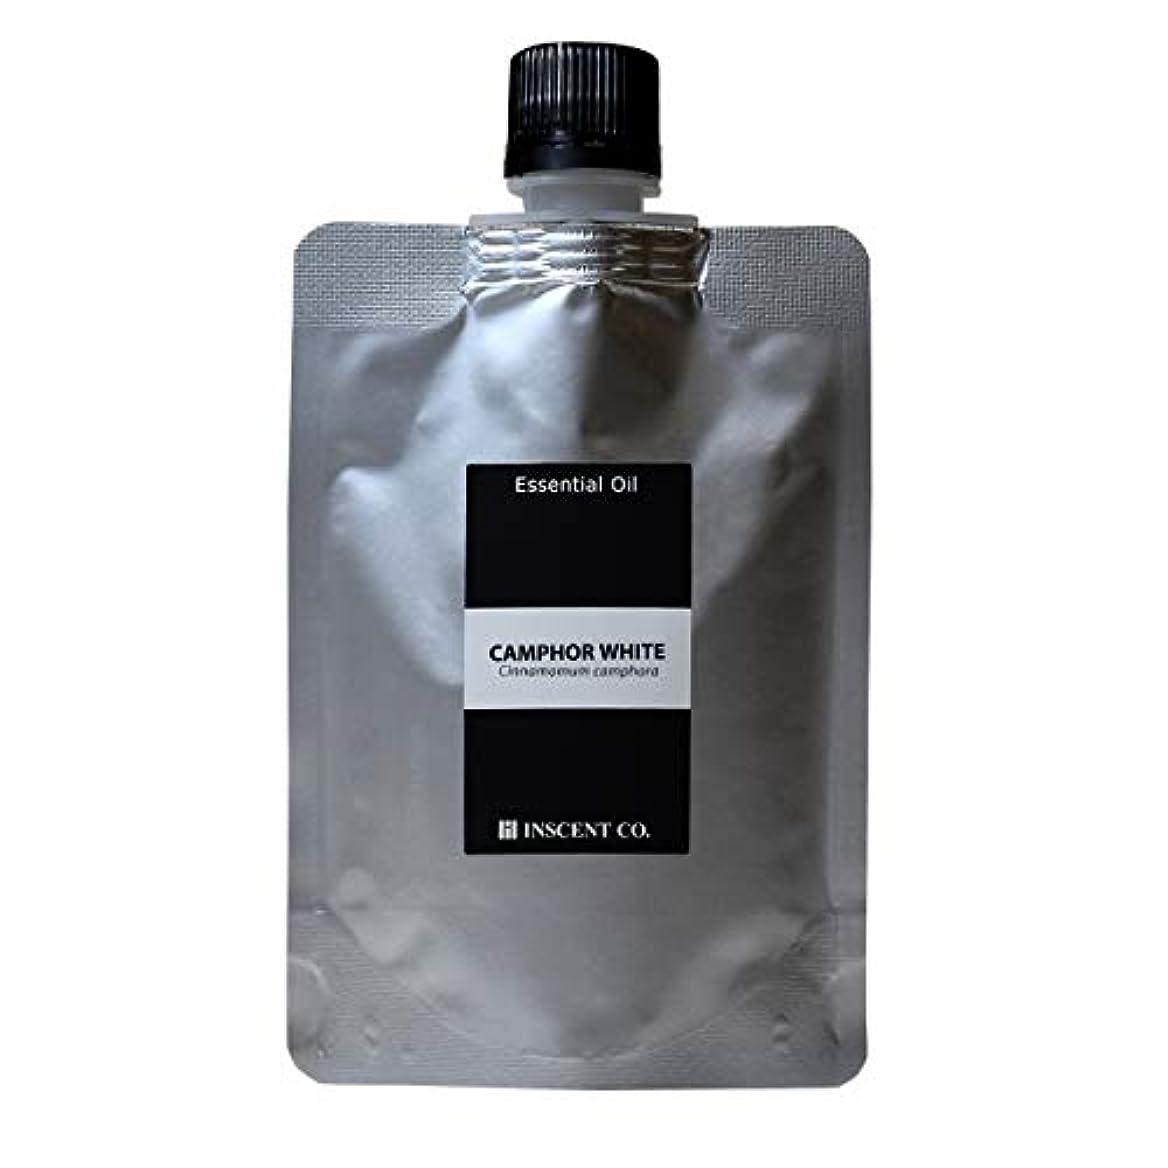 不平を言うグリップマーティフィールディング(詰替用 アルミパック) カンファー (ホワイト) 100ml インセント エッセンシャルオイル 精油 アロマオイル